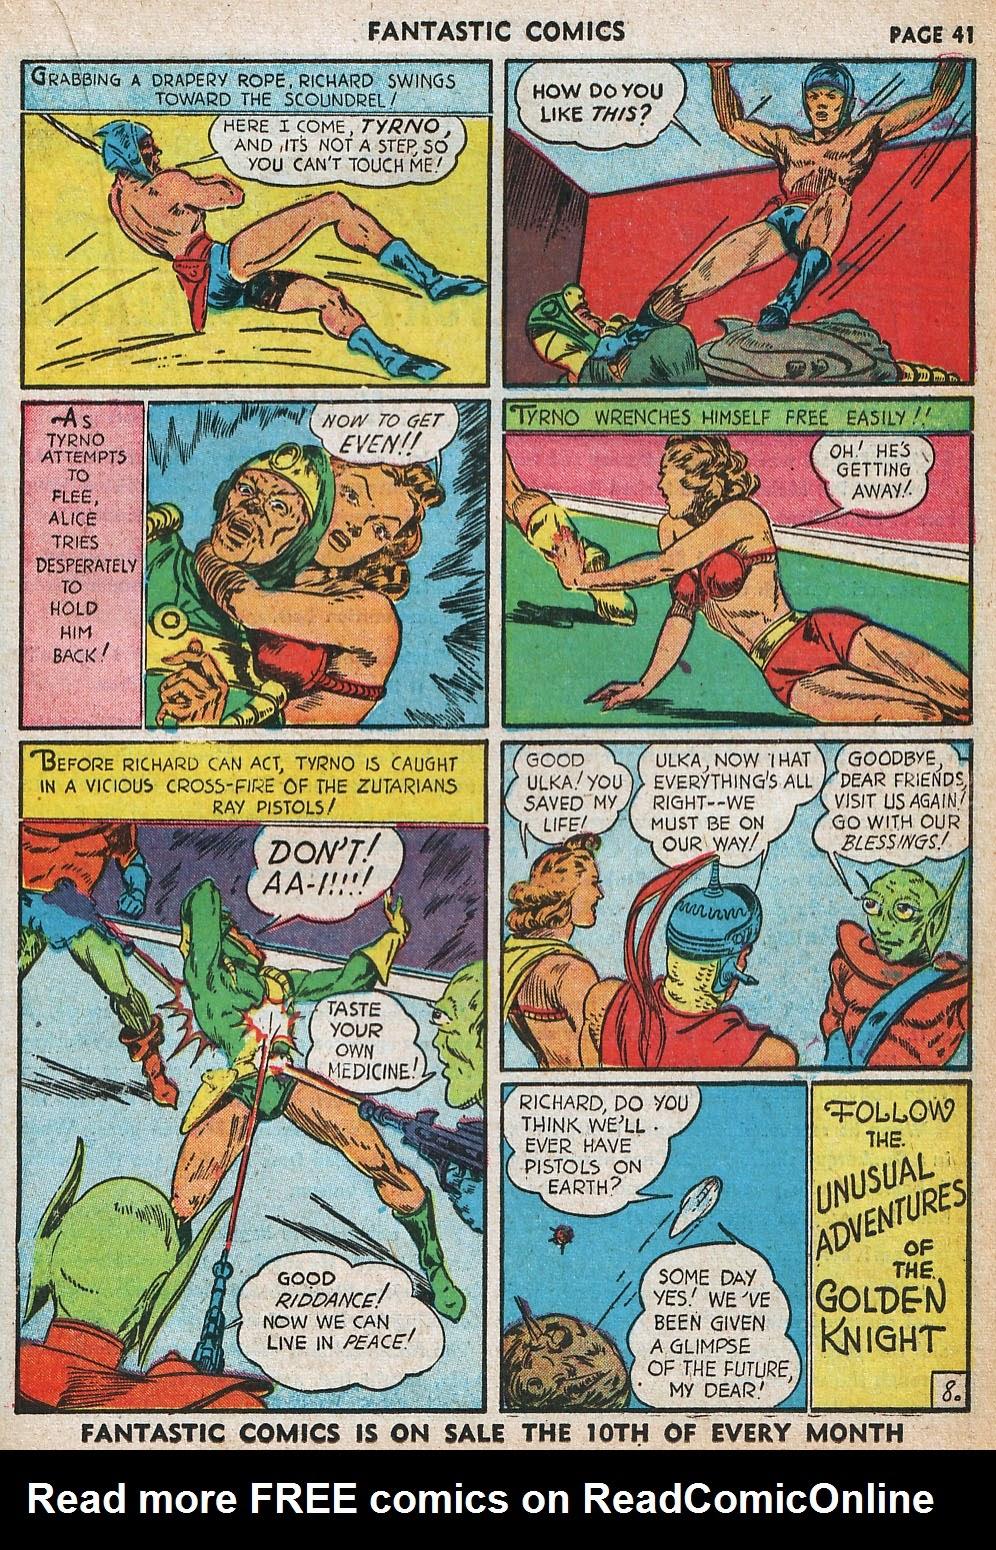 Read online Fantastic Comics comic -  Issue #20 - 41